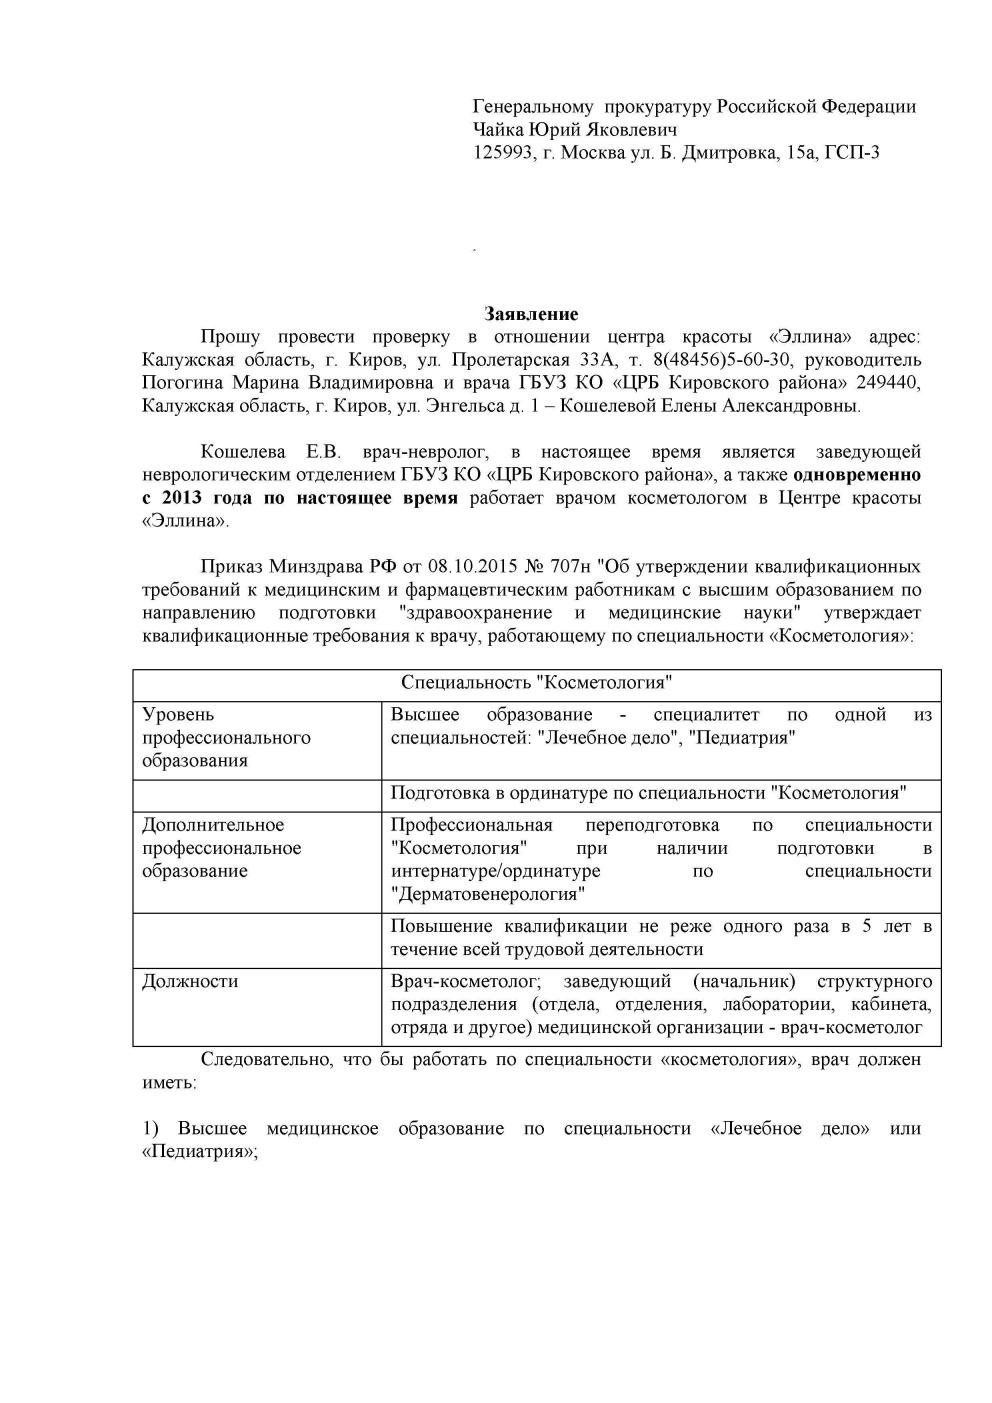 Медицинские профессии: список, особенности и требования :: syl.ru